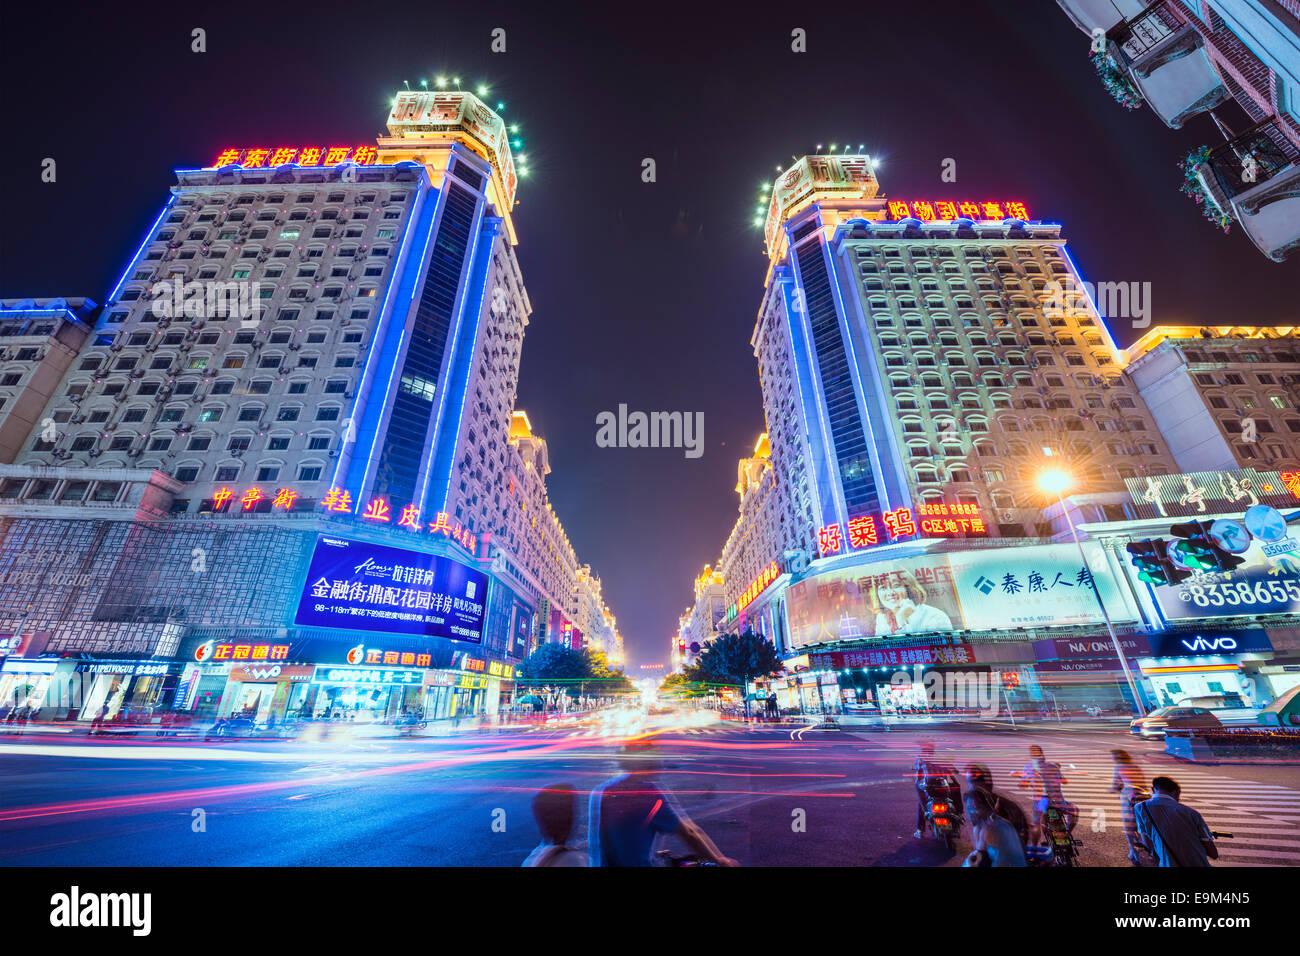 FUZHOU, CHINE - 16 juin 2014: Bayiqi rue le soir. La rue est le plus ancien quartier commerçant de la Photo Stock